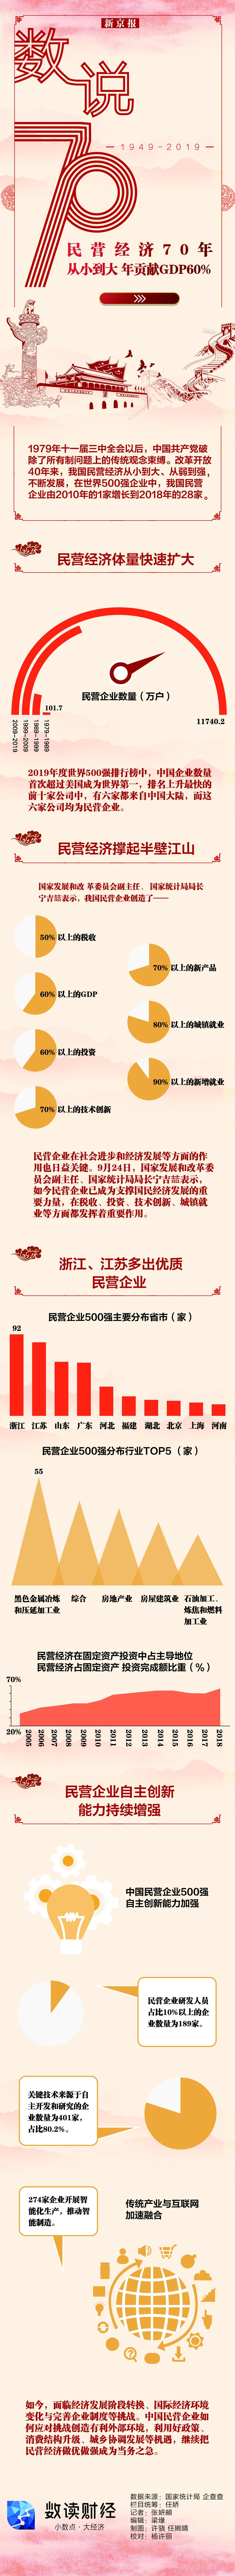 国庆阅兵受阅装备全部中国造 40%首次亮相